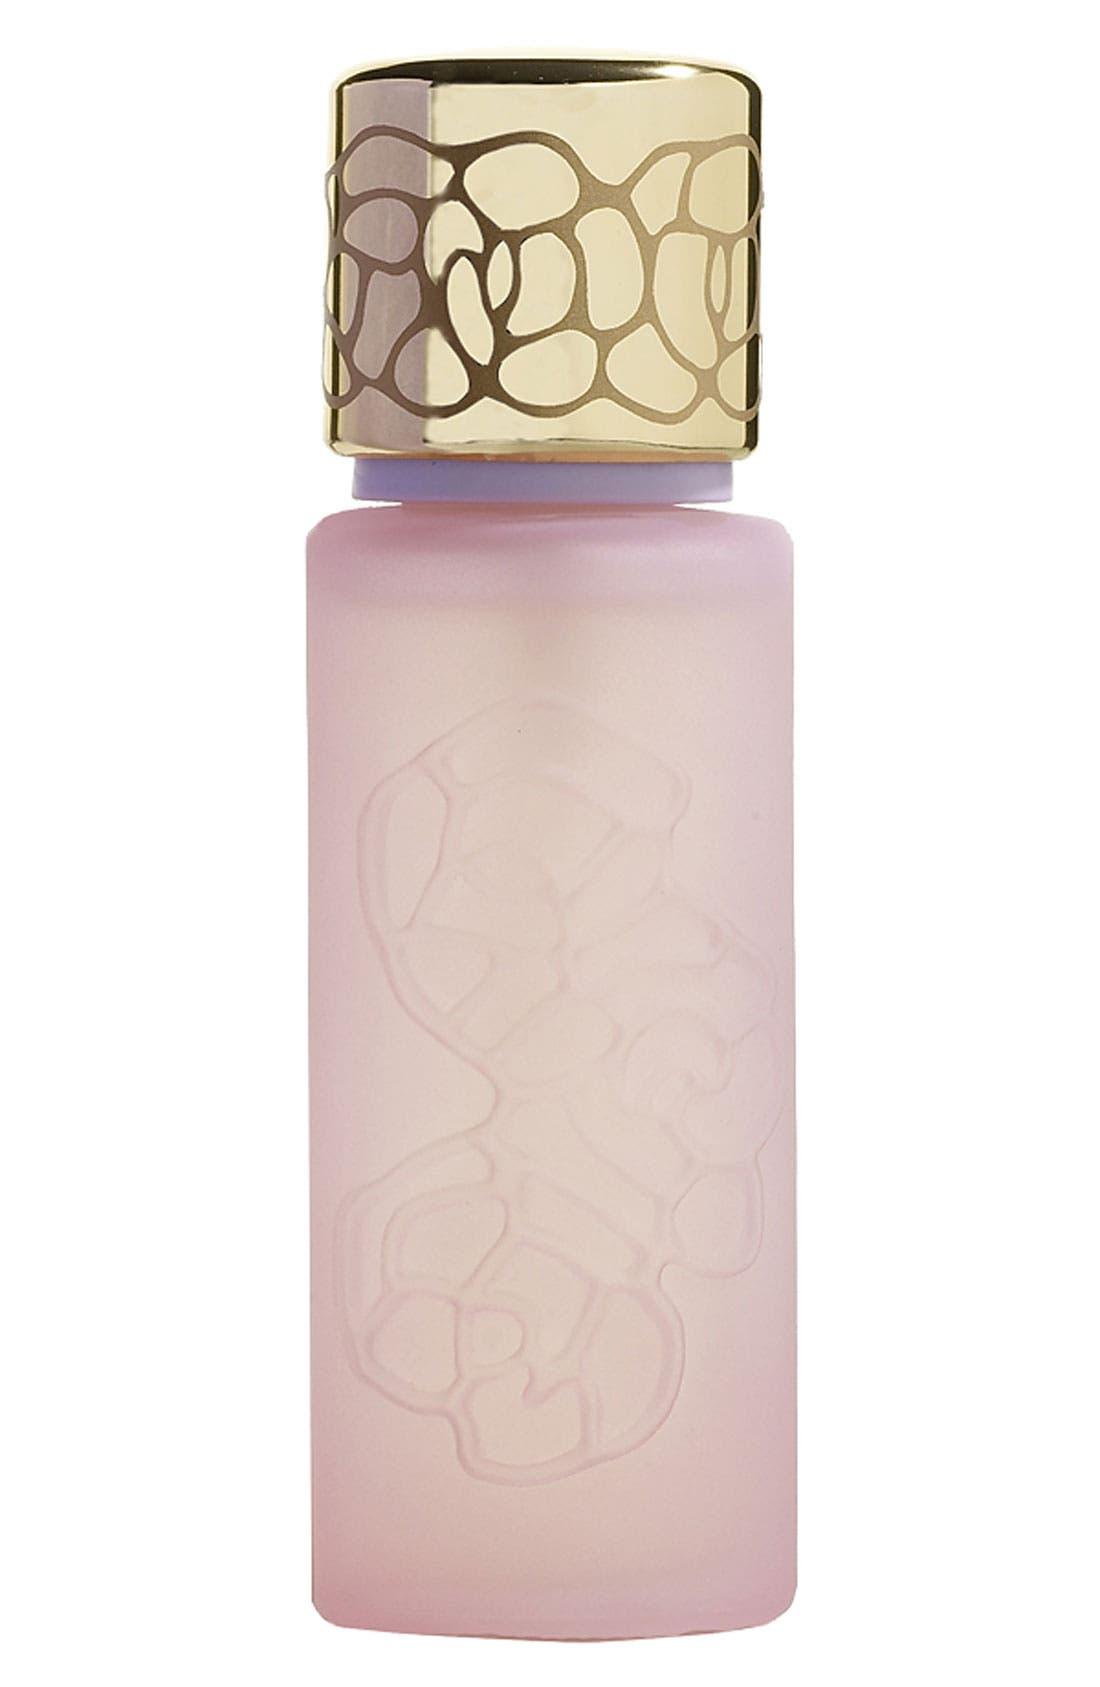 Houbigant Paris Quelques Fleurs 'Royale' Eau de Parfum